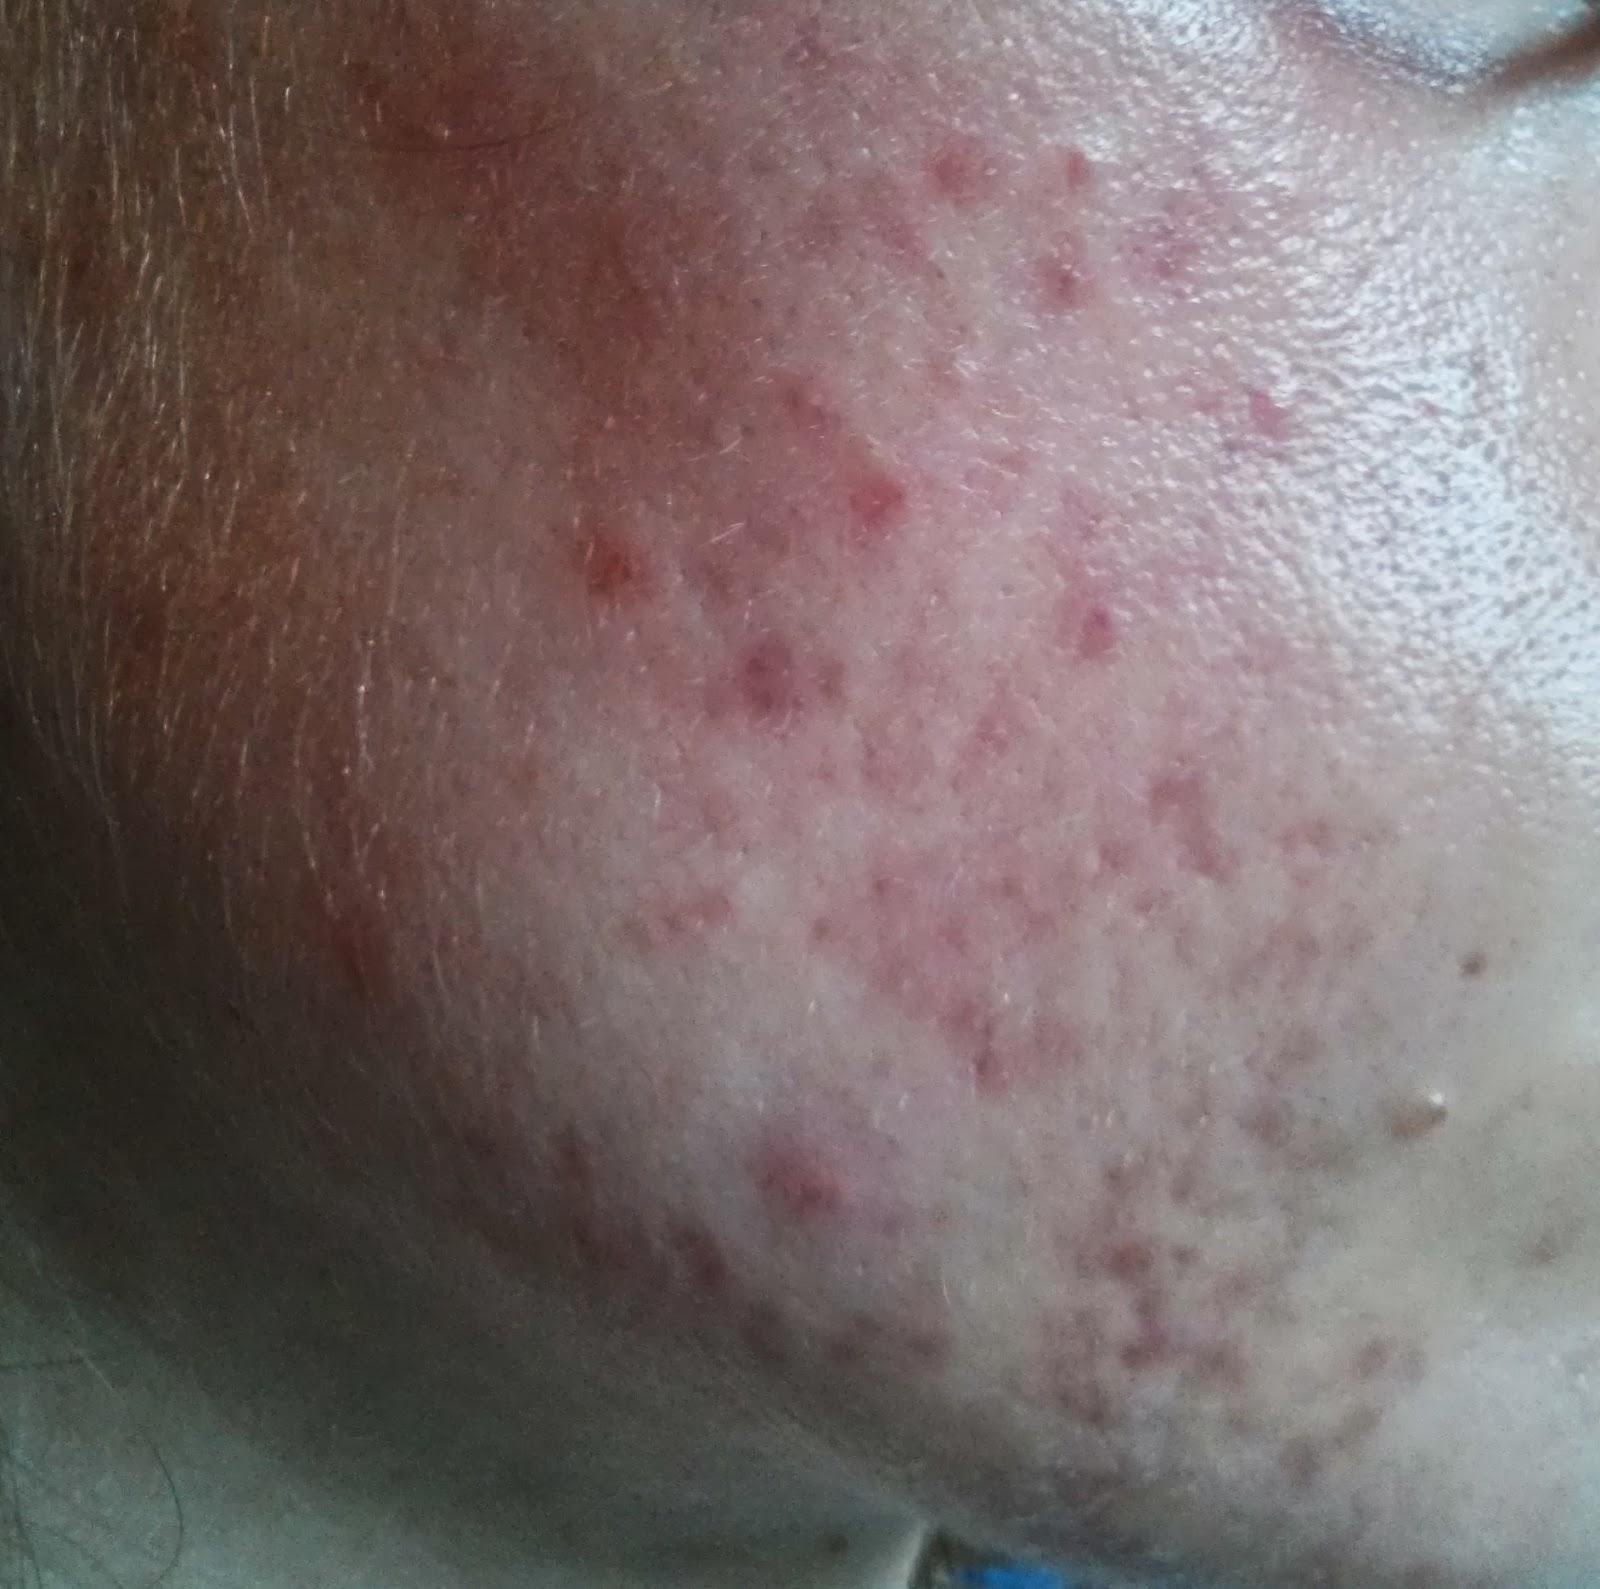 c969d55a2738 Ce n est pas flagrant car il y a beaucoup de cicatrices et j ai pris la  photo juste après un nettoyage à l eau et à l Effaclar (ma peau ...